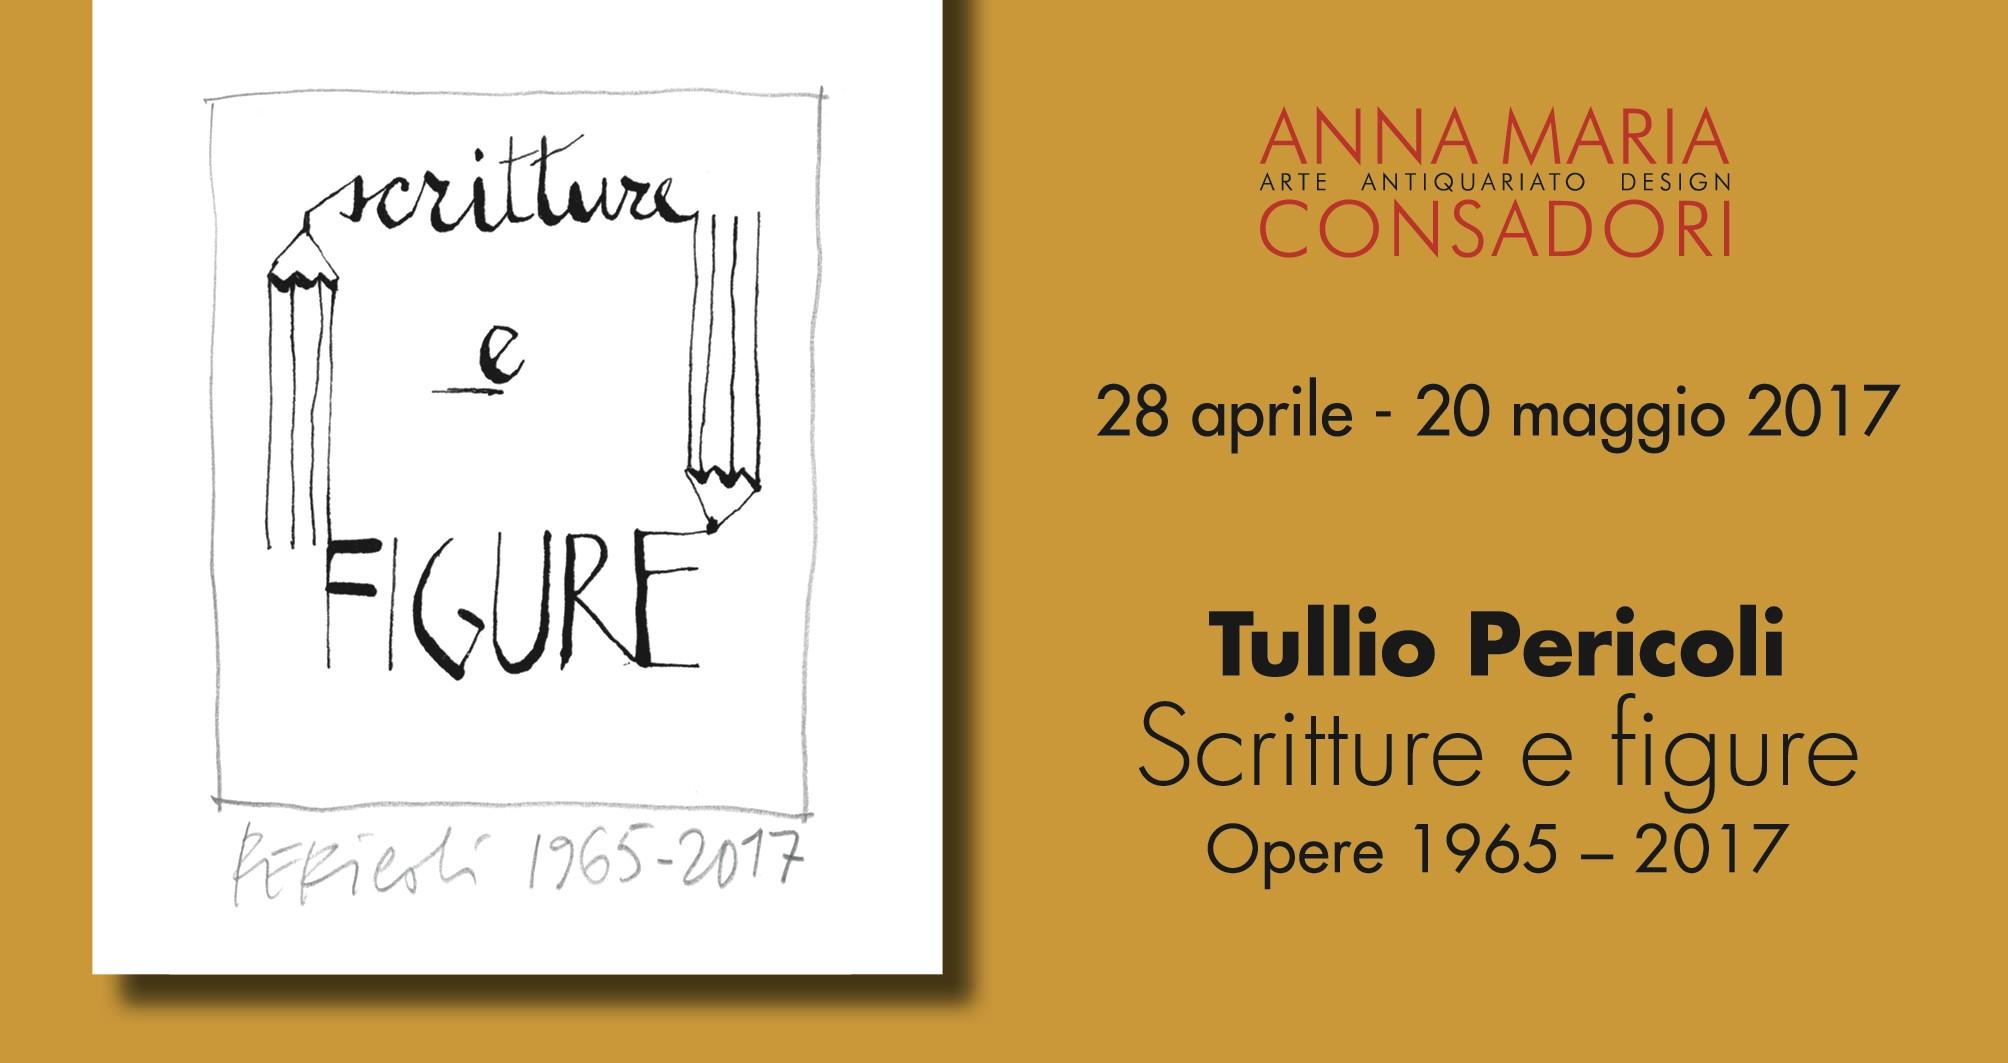 Scritture e figure. Tullio Pericoli: 1965-2017